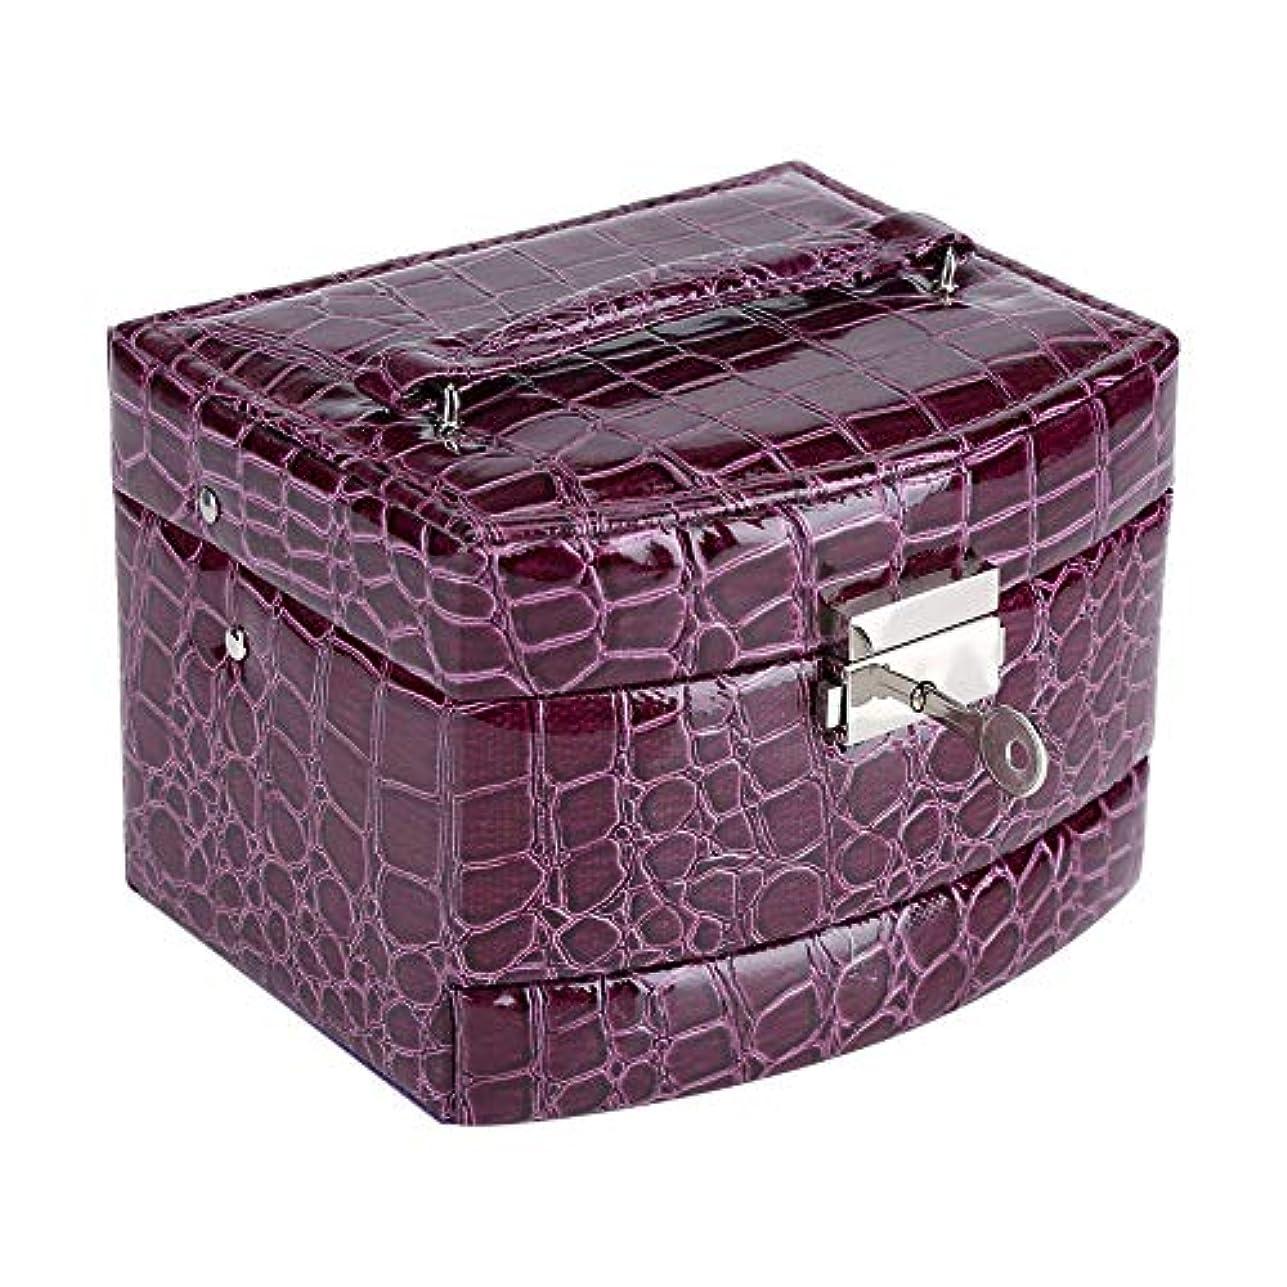 なんとなく並外れてチャンピオンシップジュエリー 收納ケース レザー三層半自動宝石箱ポータブル宝石収納ボックス